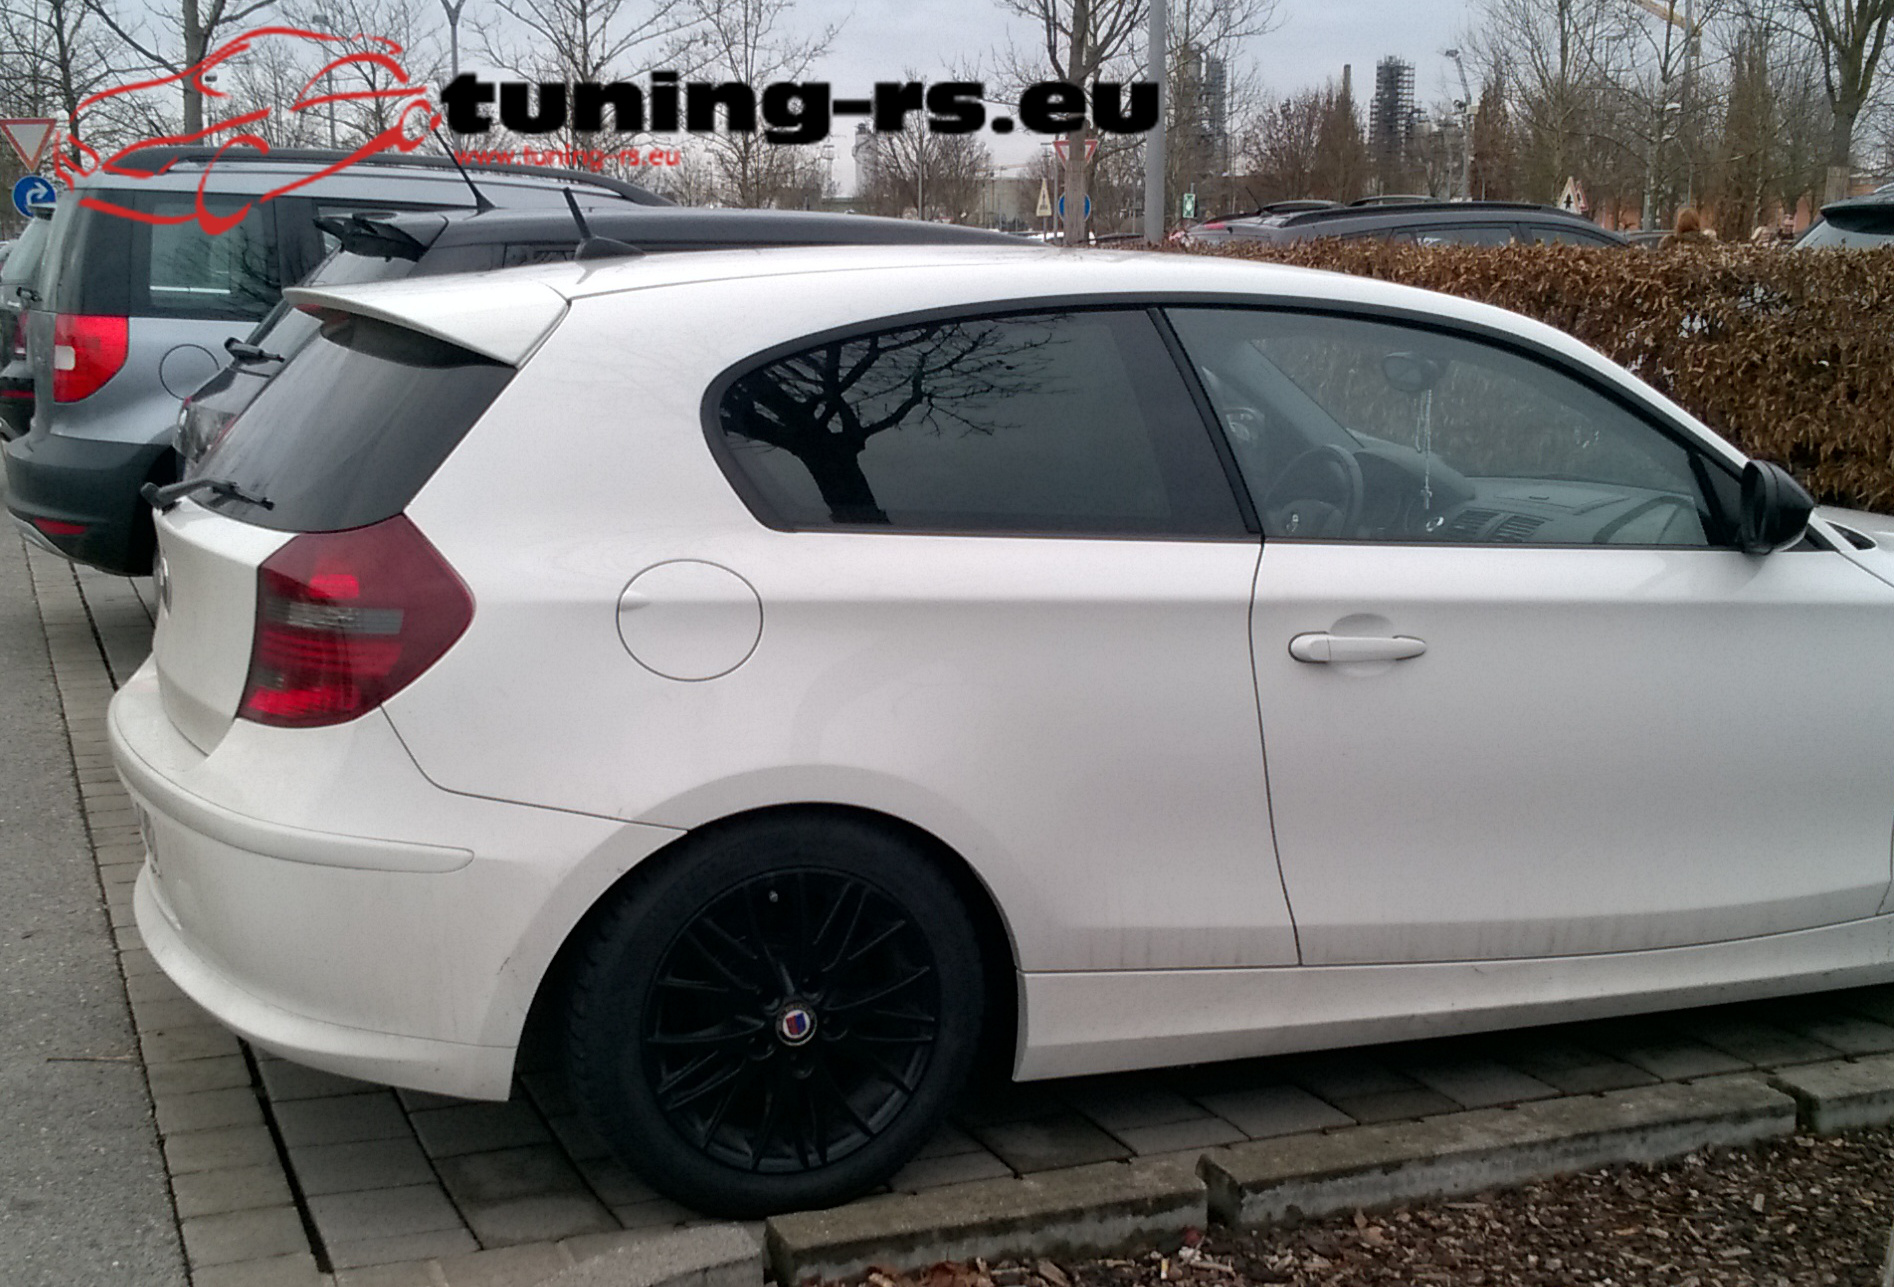 BMW 1er E87 E81 Dachspoiler Dachflügel Heckspoiler tuning-rs.eu | eBay